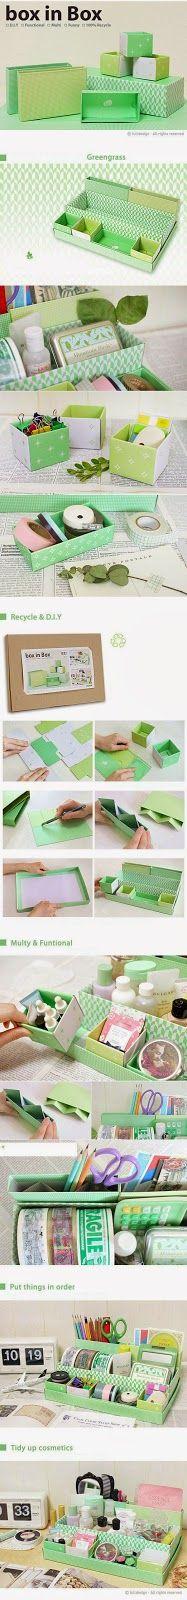 Πήραν άδεια κουτιά από Παπούτσια και έφτιαξαν Κάτι απίστευτα Χρήσιμο για κάθε Σπίτι! - online247 - Η καθημερινή σας ενημέρωση